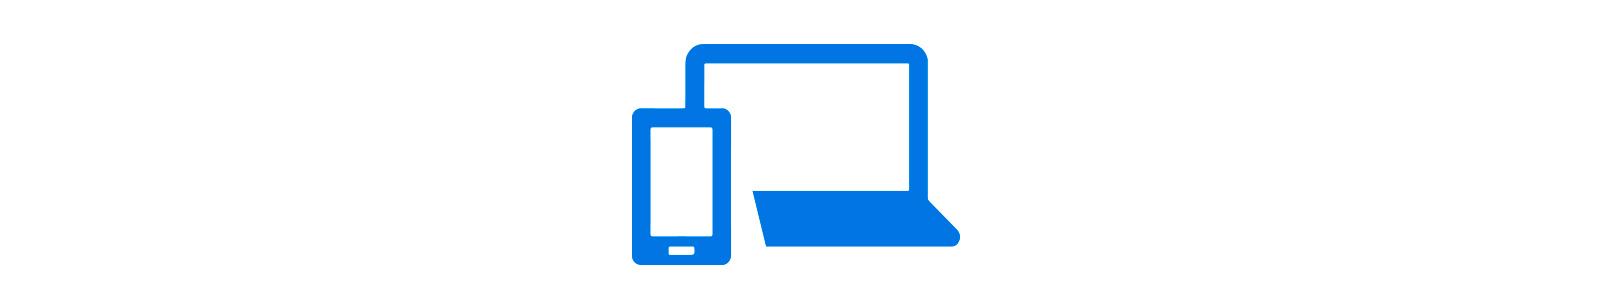 手機適用的 Continuum 圖示